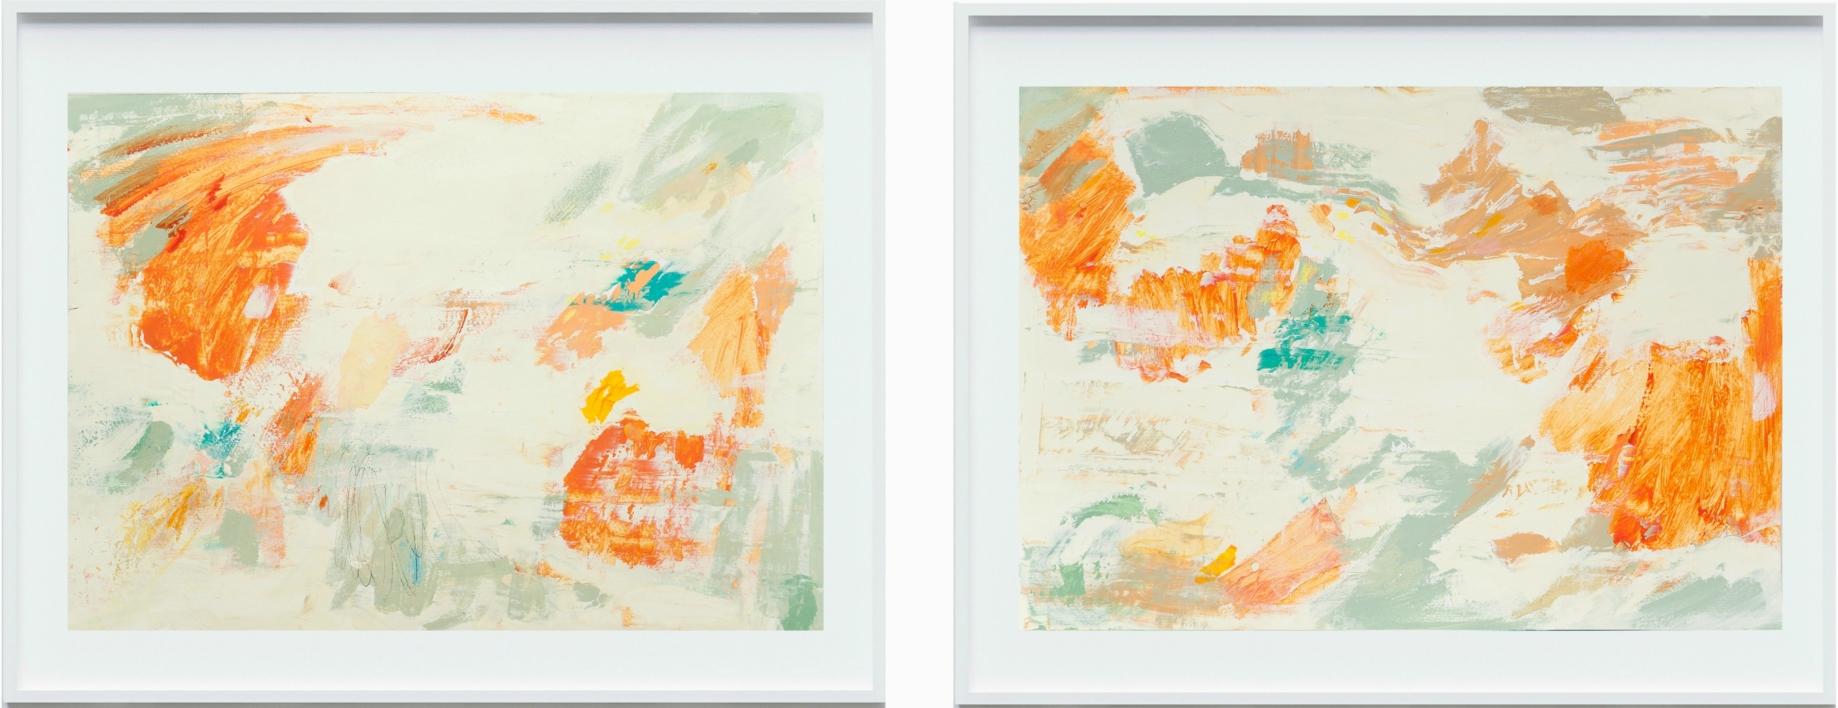 Diptico |Pintura de Susana Sancho | Compra arte en Flecha.es